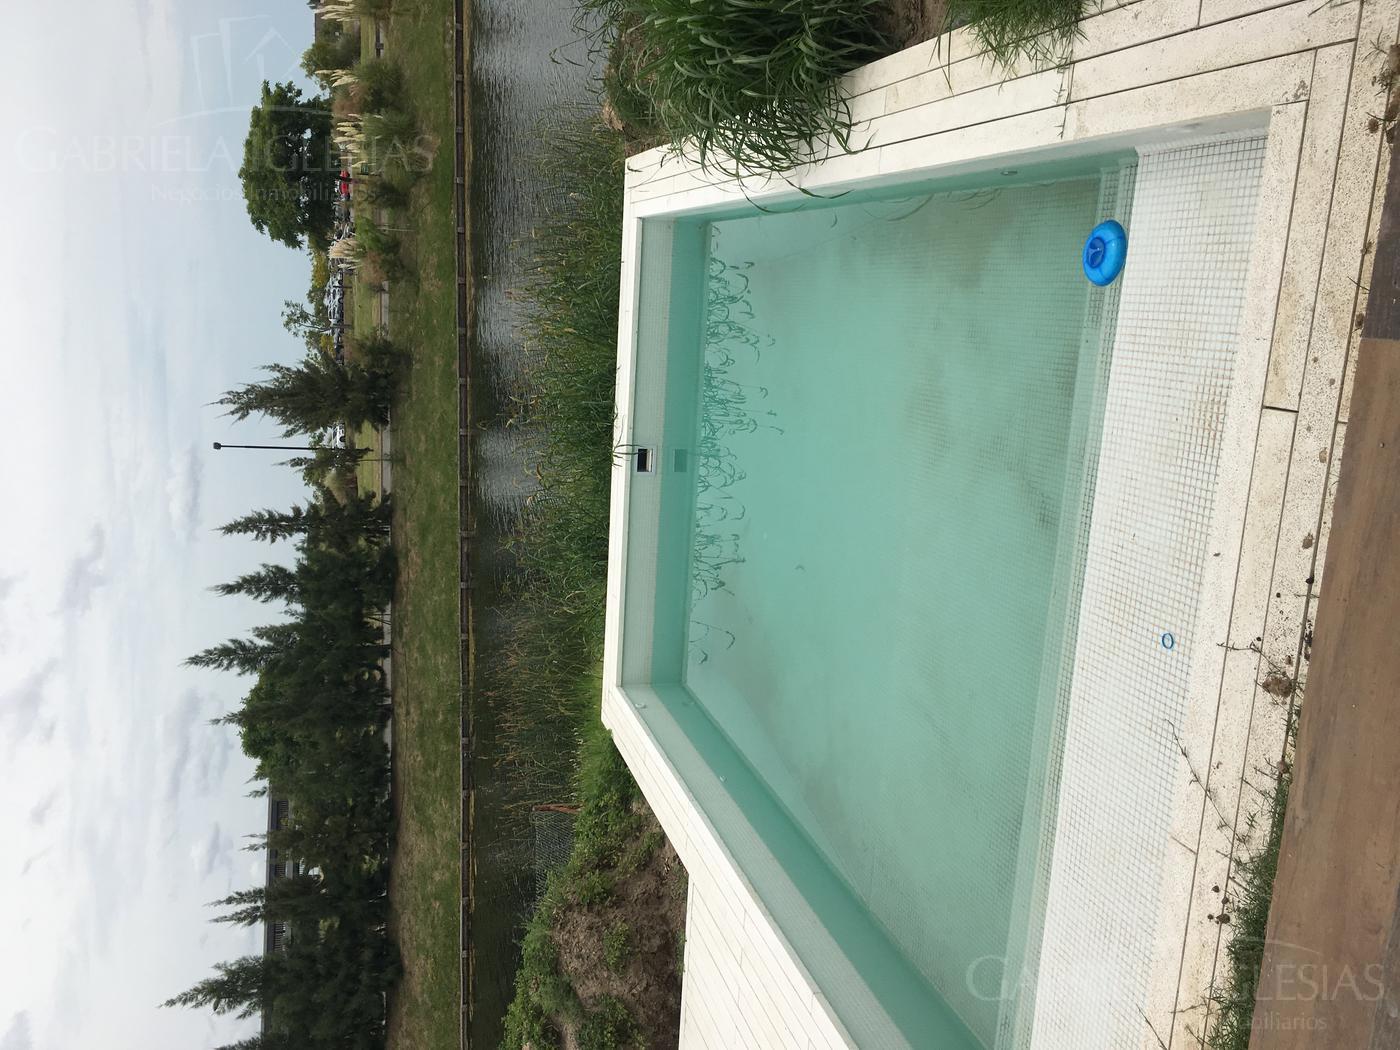 Casa en Venta en Nordelta Lagos del Golf a Venta - u$s 1.290.000